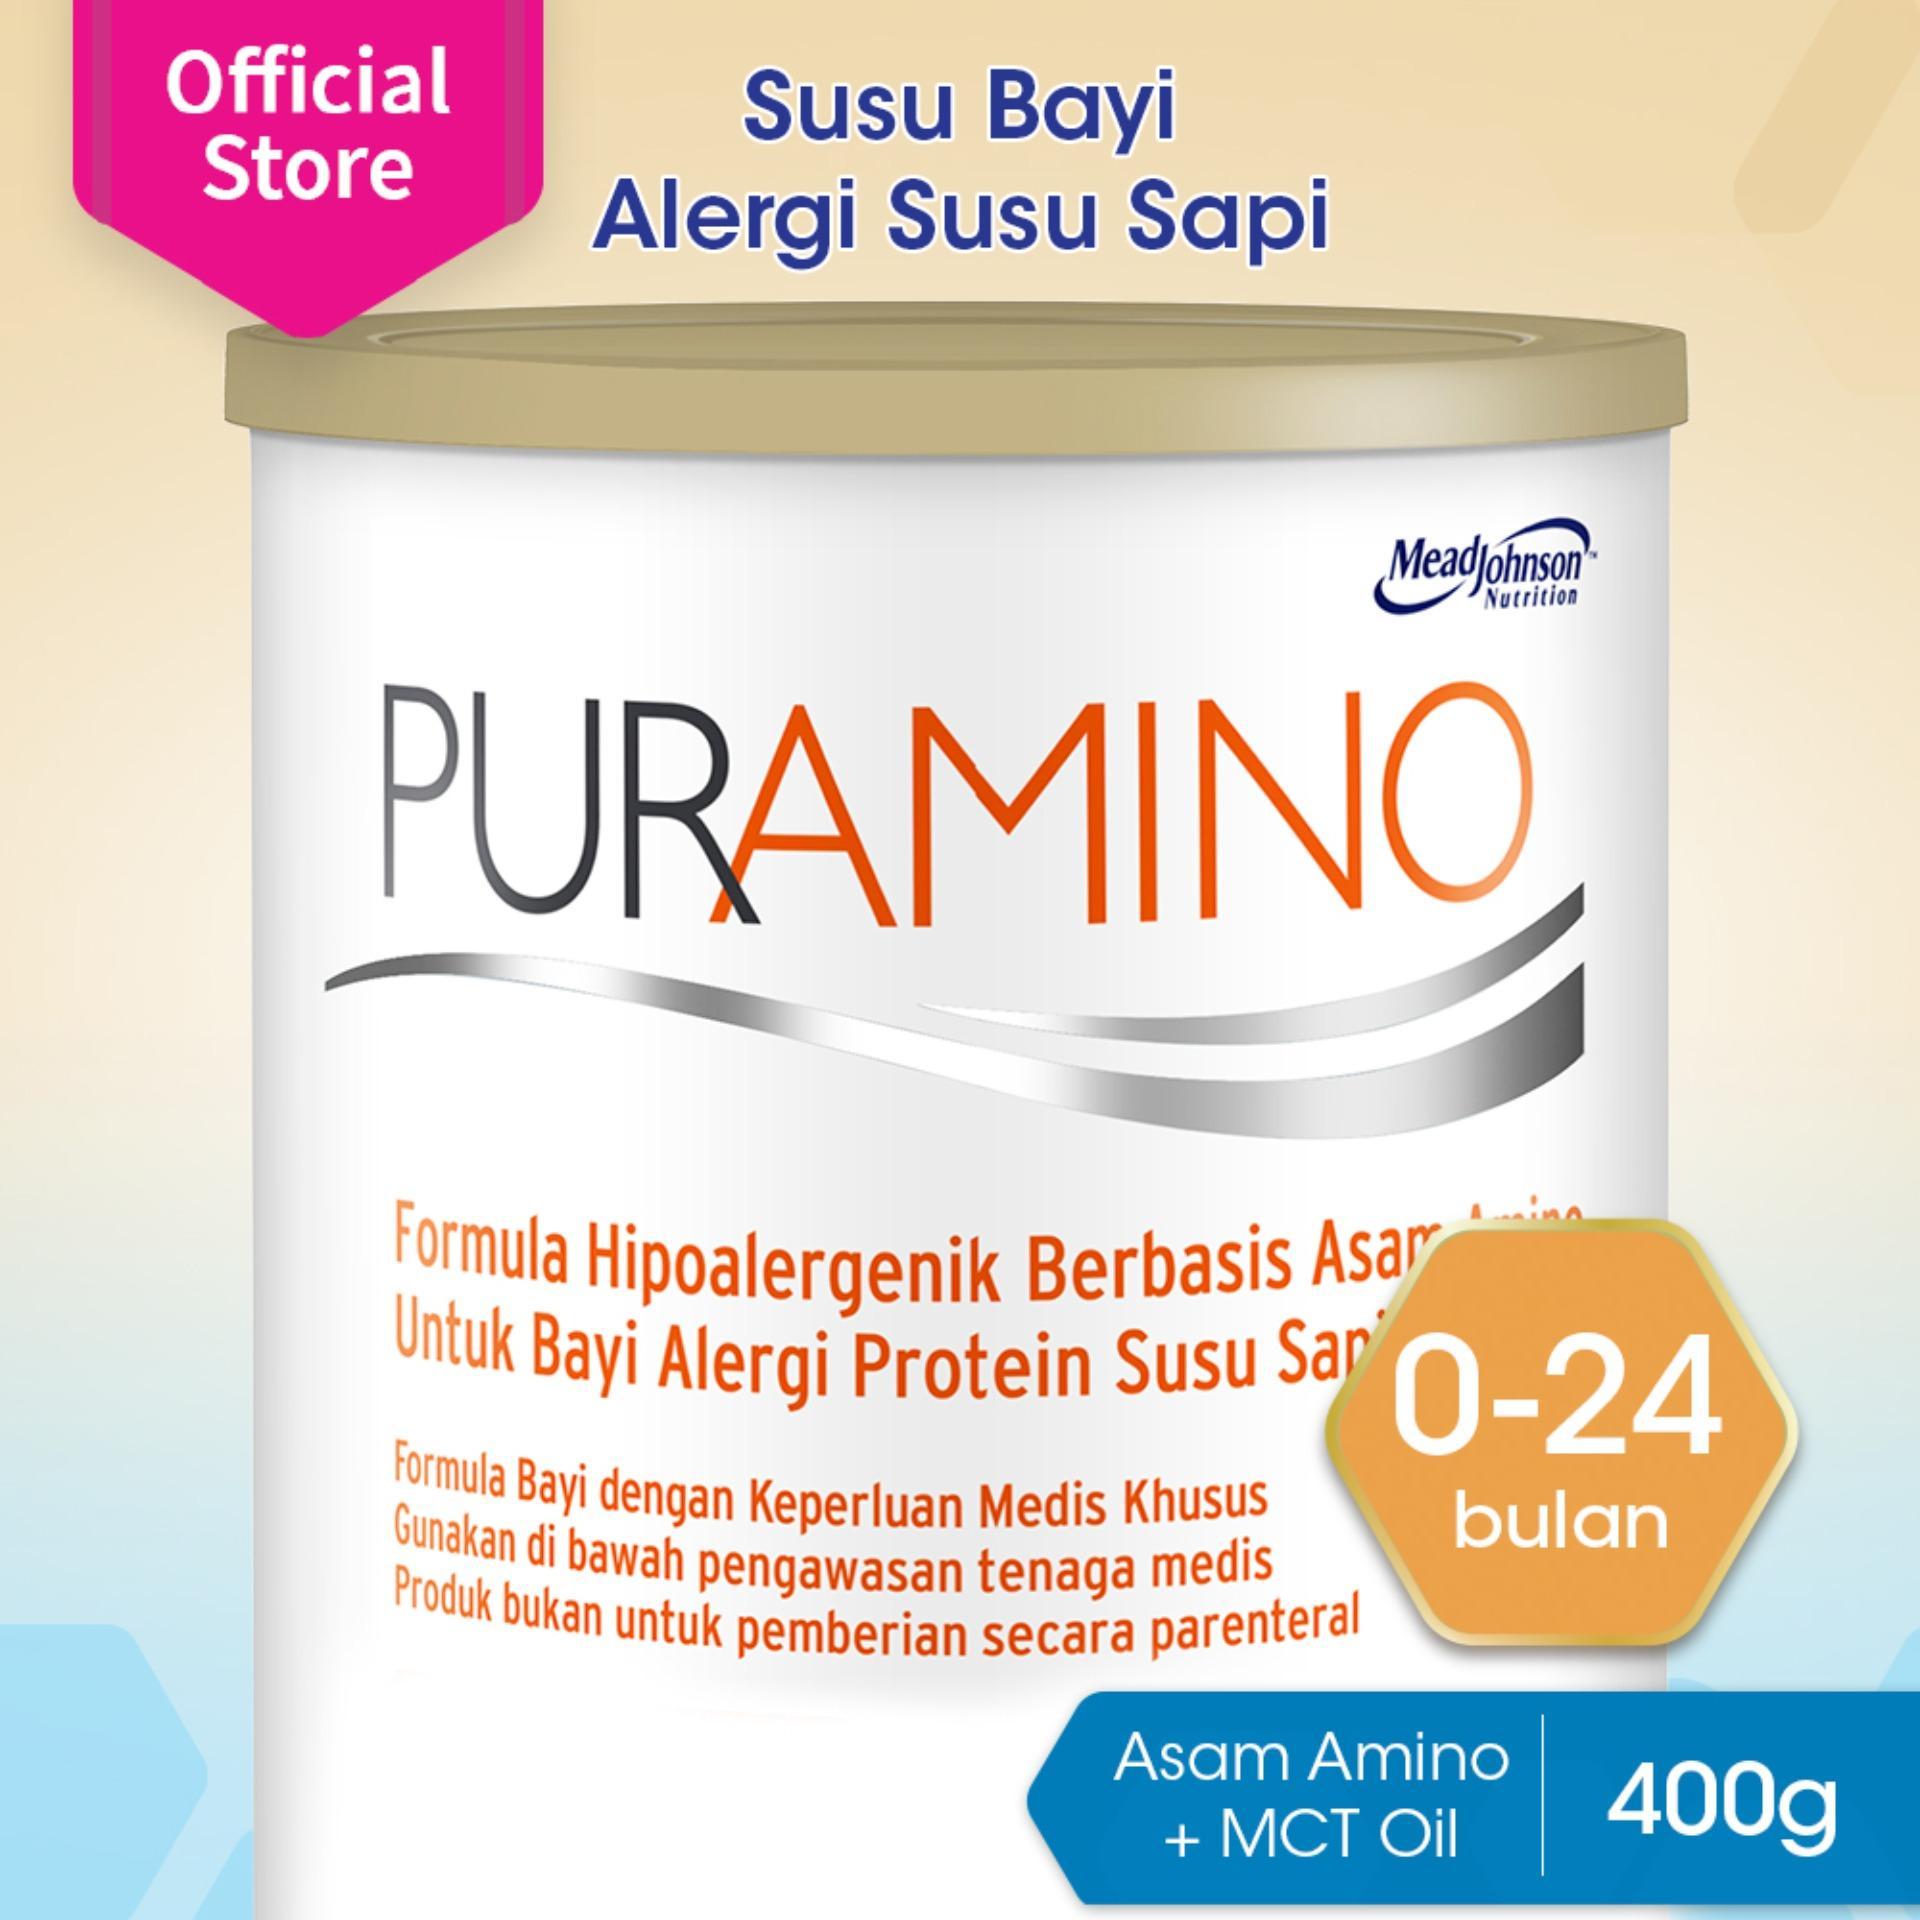 Jual Susu Formula Enfamil Online Terbaru 2 A 1800gr Puramino Bayi Dengan Nutrisi Khusus